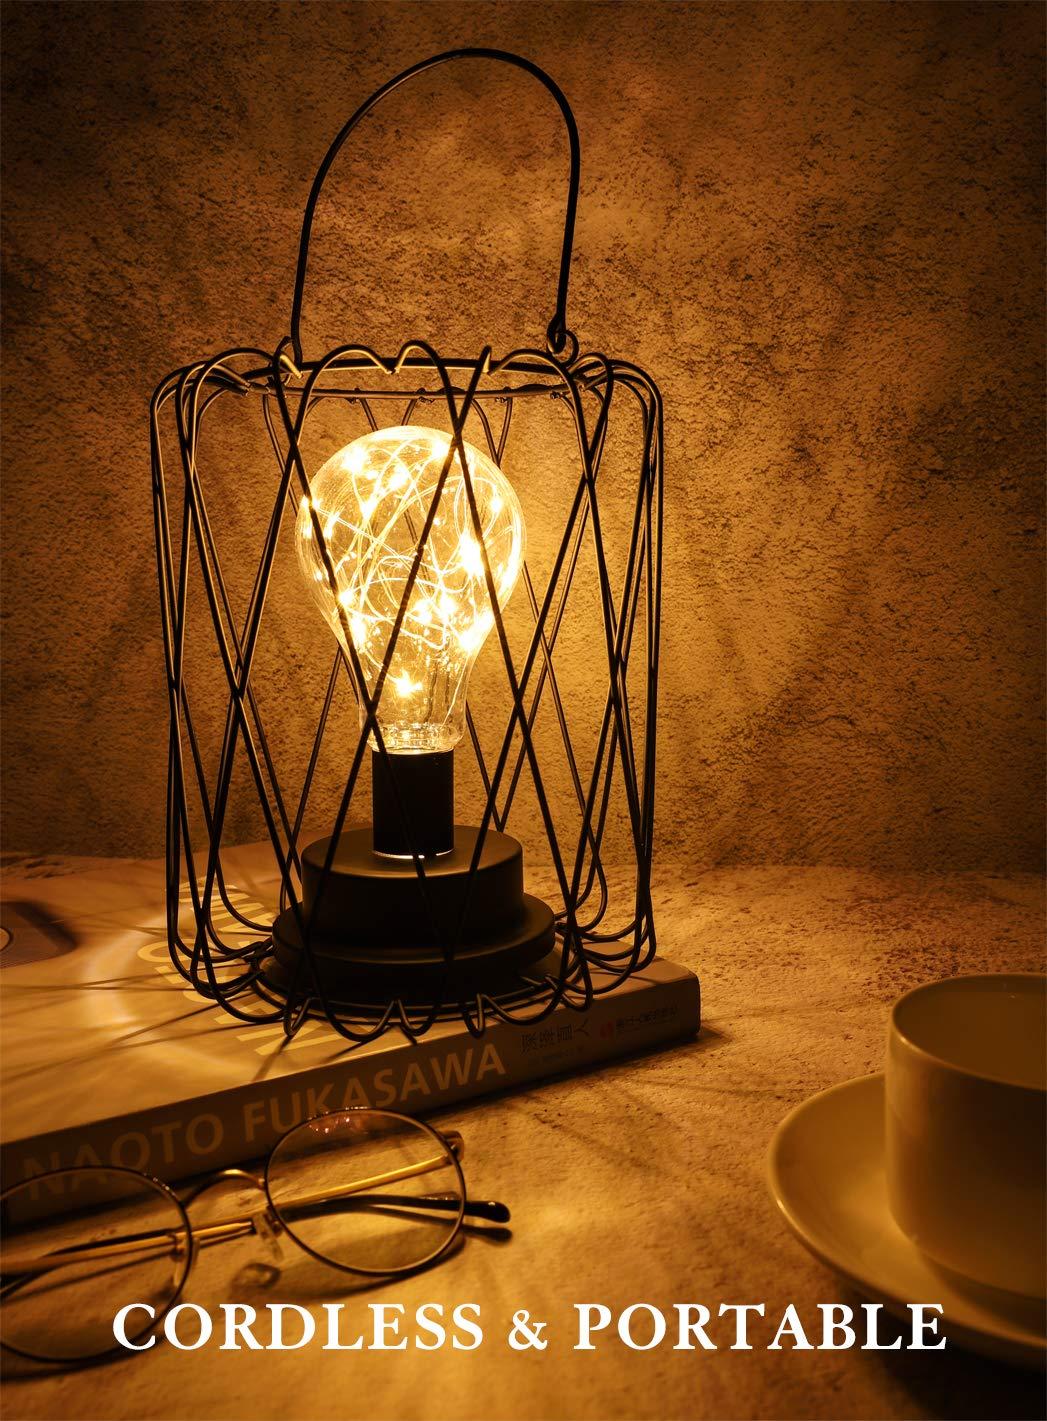 Lampada da Tavolo Lewondr Lampada Scrivania Lampada Luce LED Dimmerabile 4-5V Protezione Occhi con 3 Batterie AAA Tavolo Officio Illuminazione per Casa Interni Rombo Nero Lampada Officio